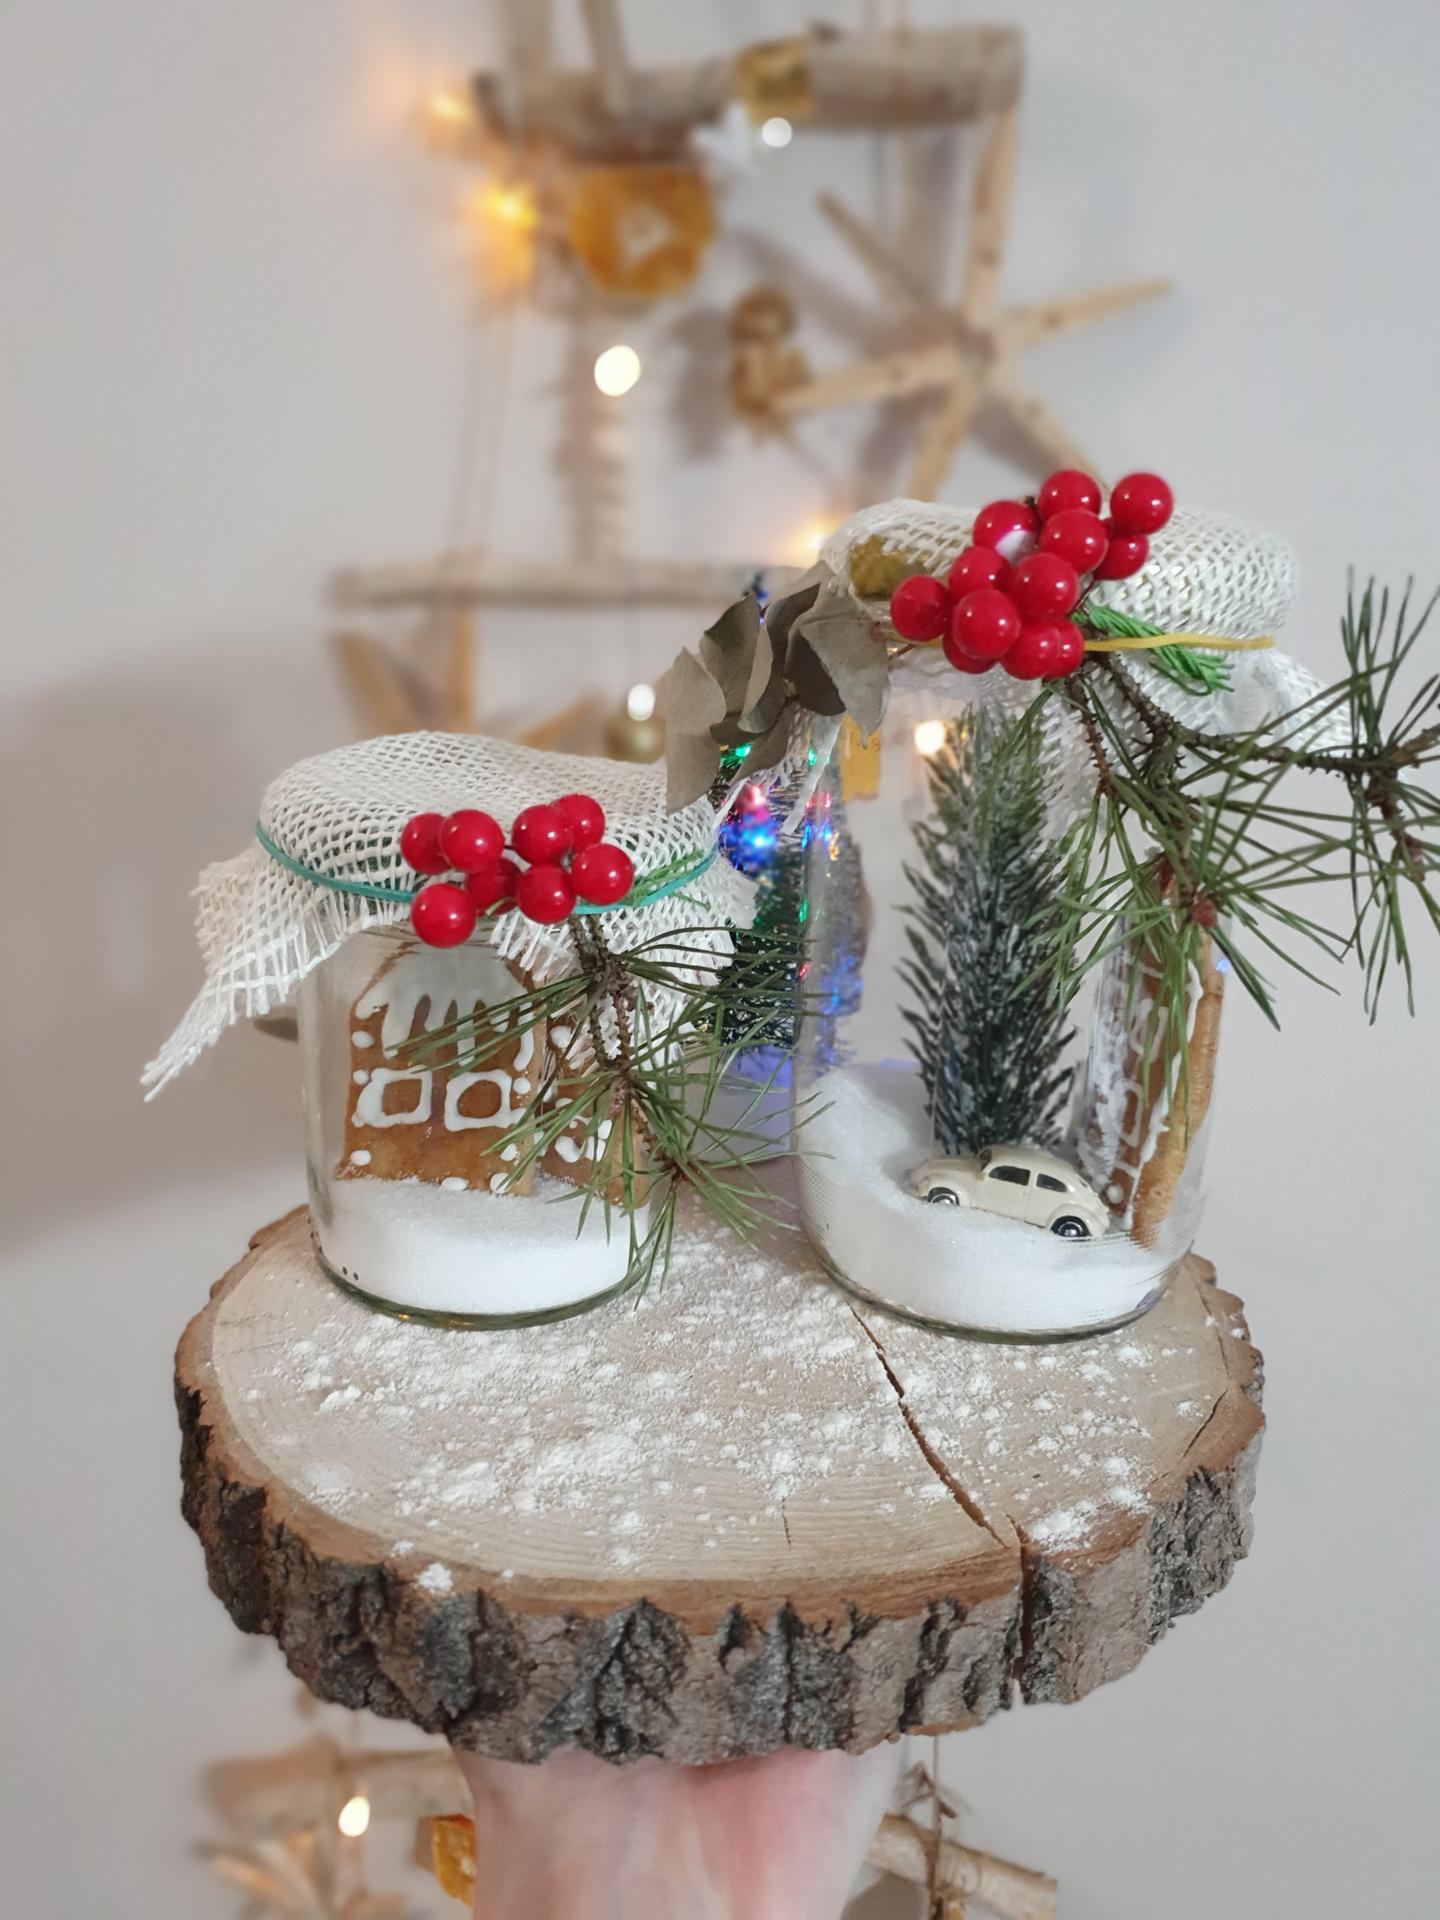 Vianočné dekorácie/Vianočná inšpirácia - Obrázok č. 19